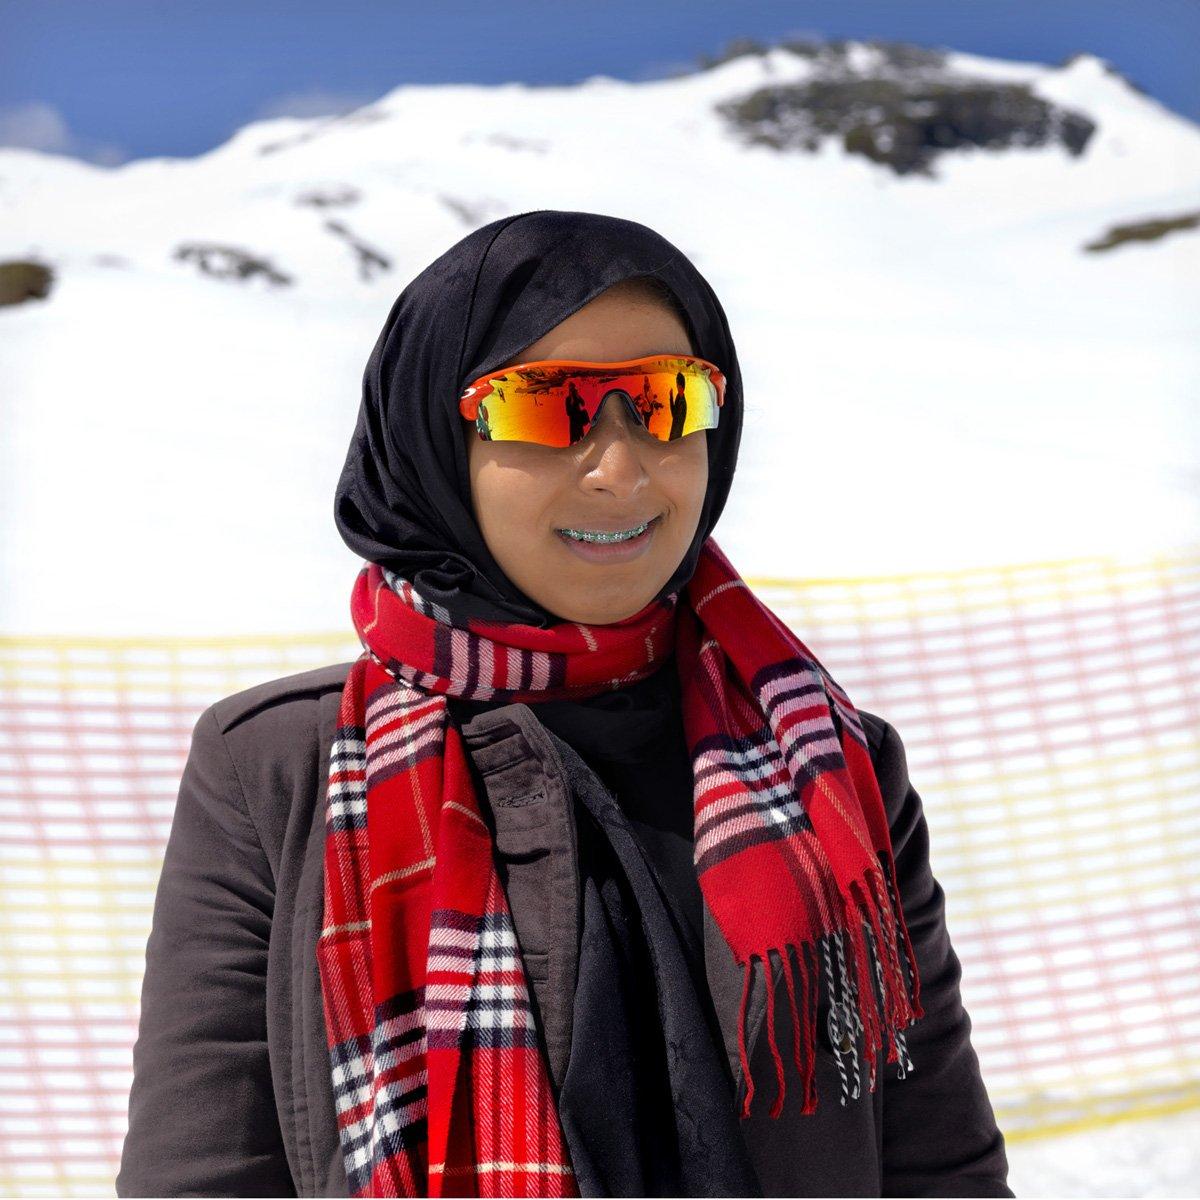 Turistas do Oriente Médio invadem cidade idílica alpina para escapar do calor do verão escaldante 05